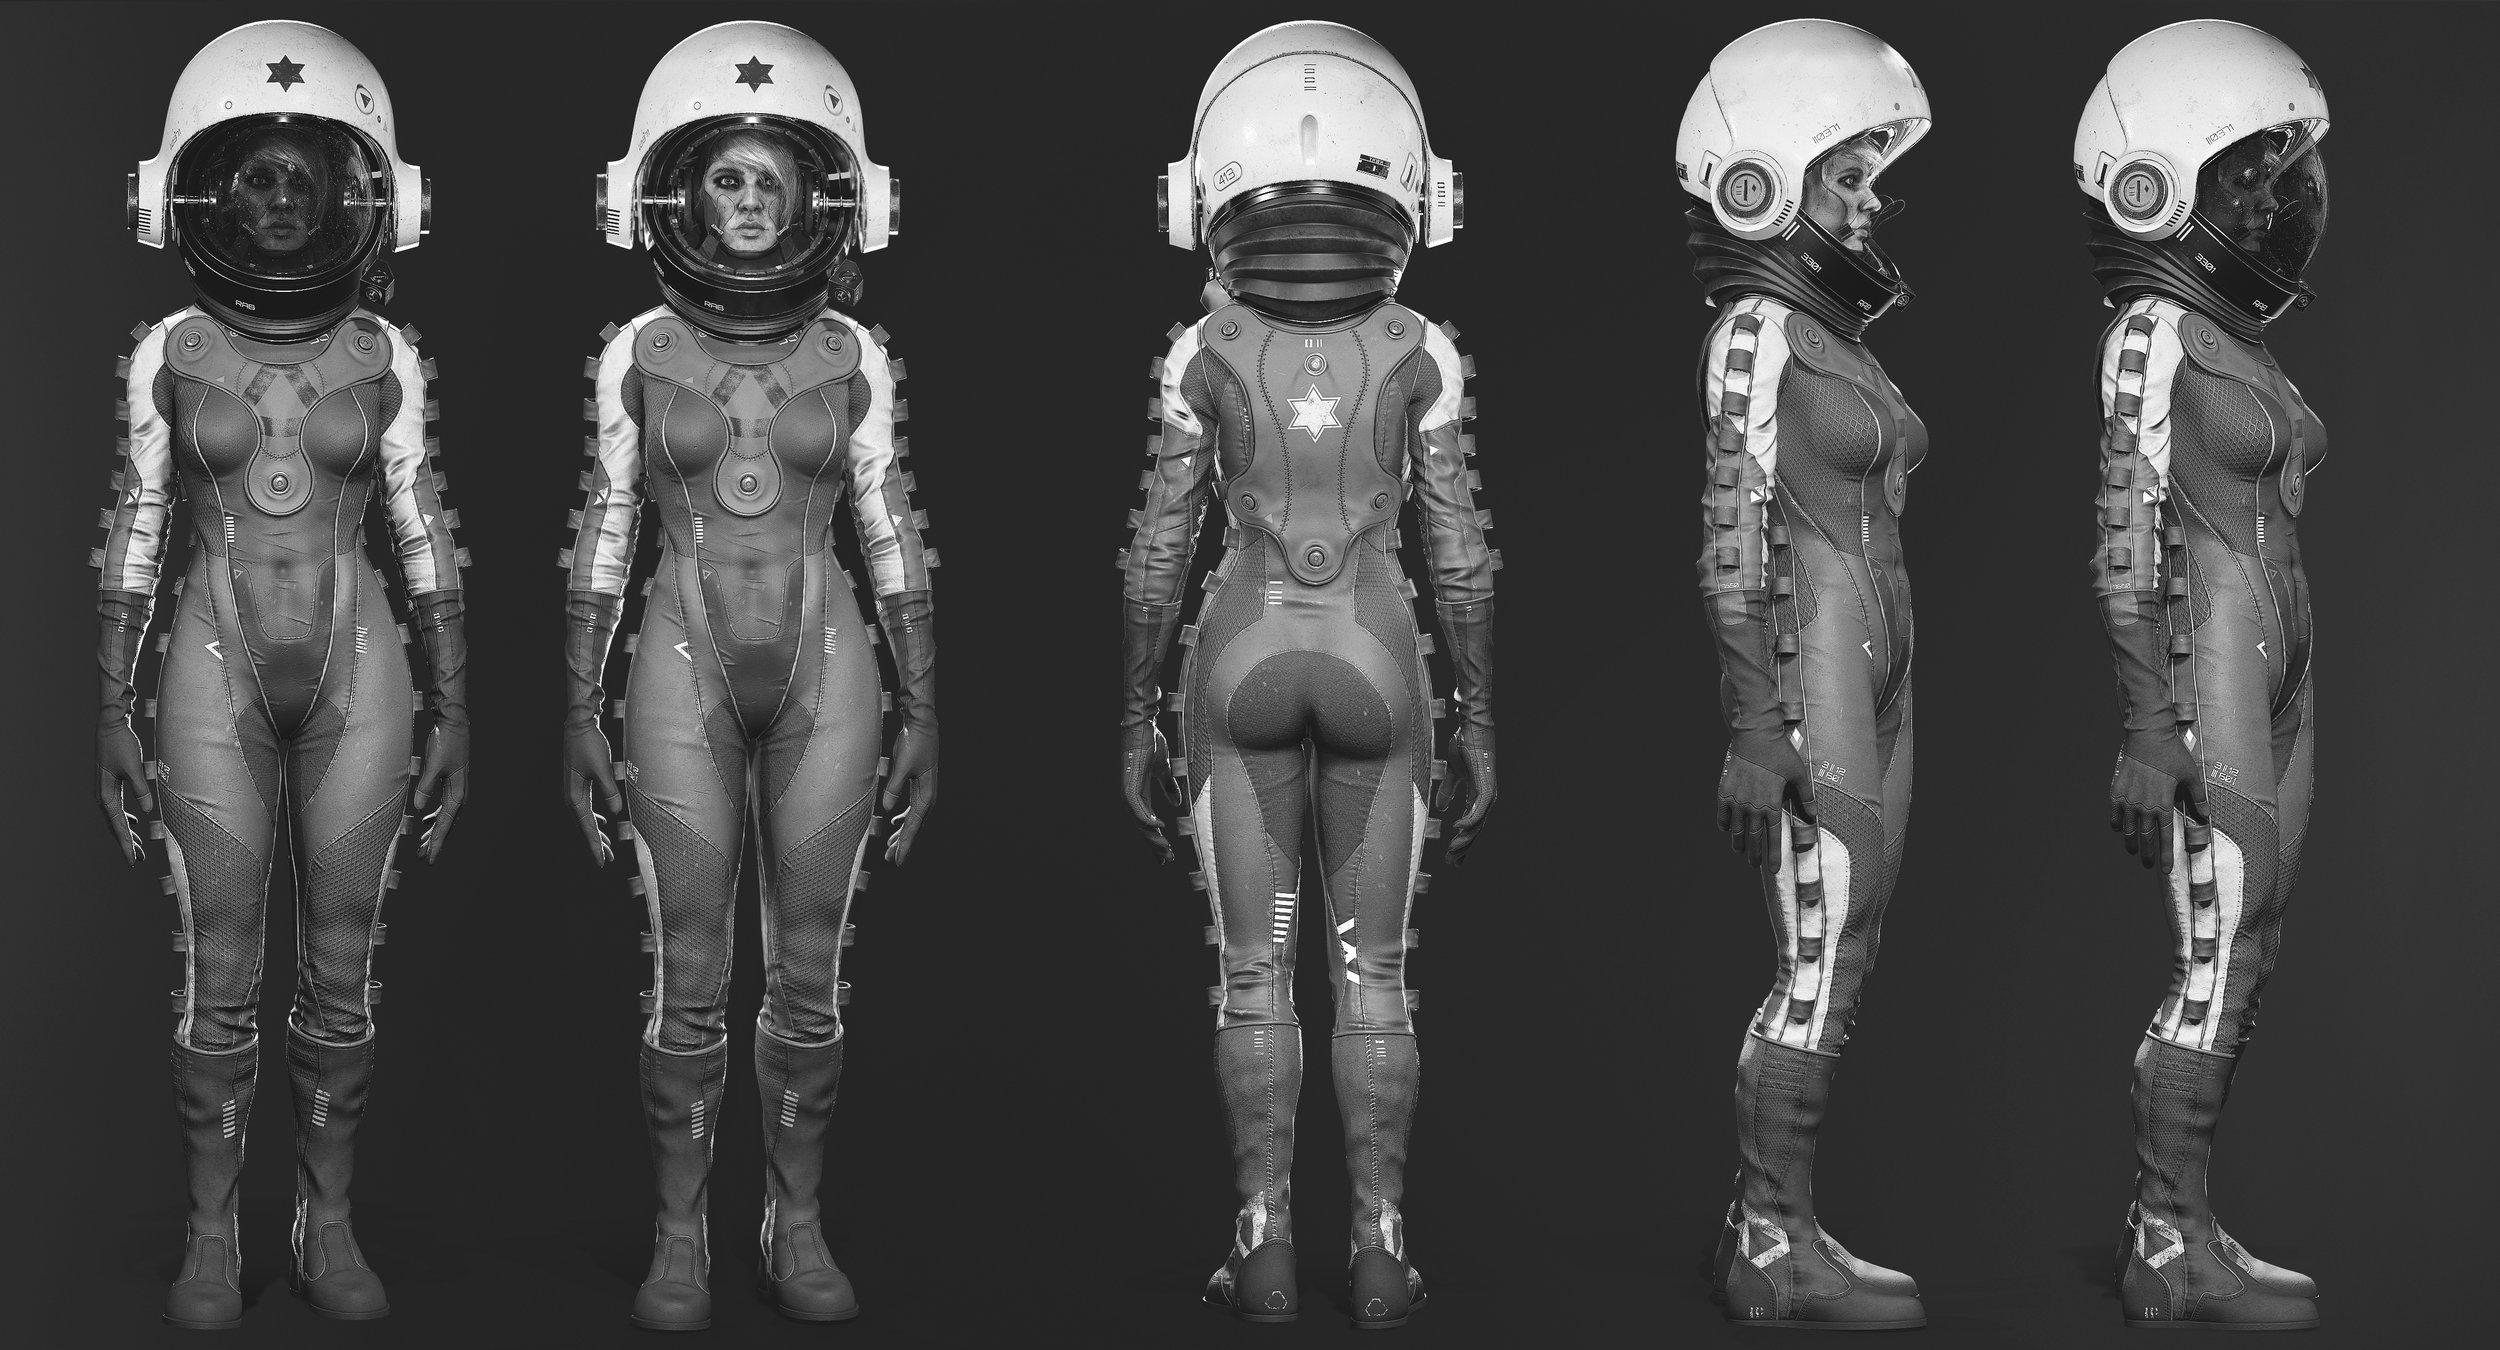 Ryan_Blake_Cosmonaut_Turnaround_01_BW.jpg